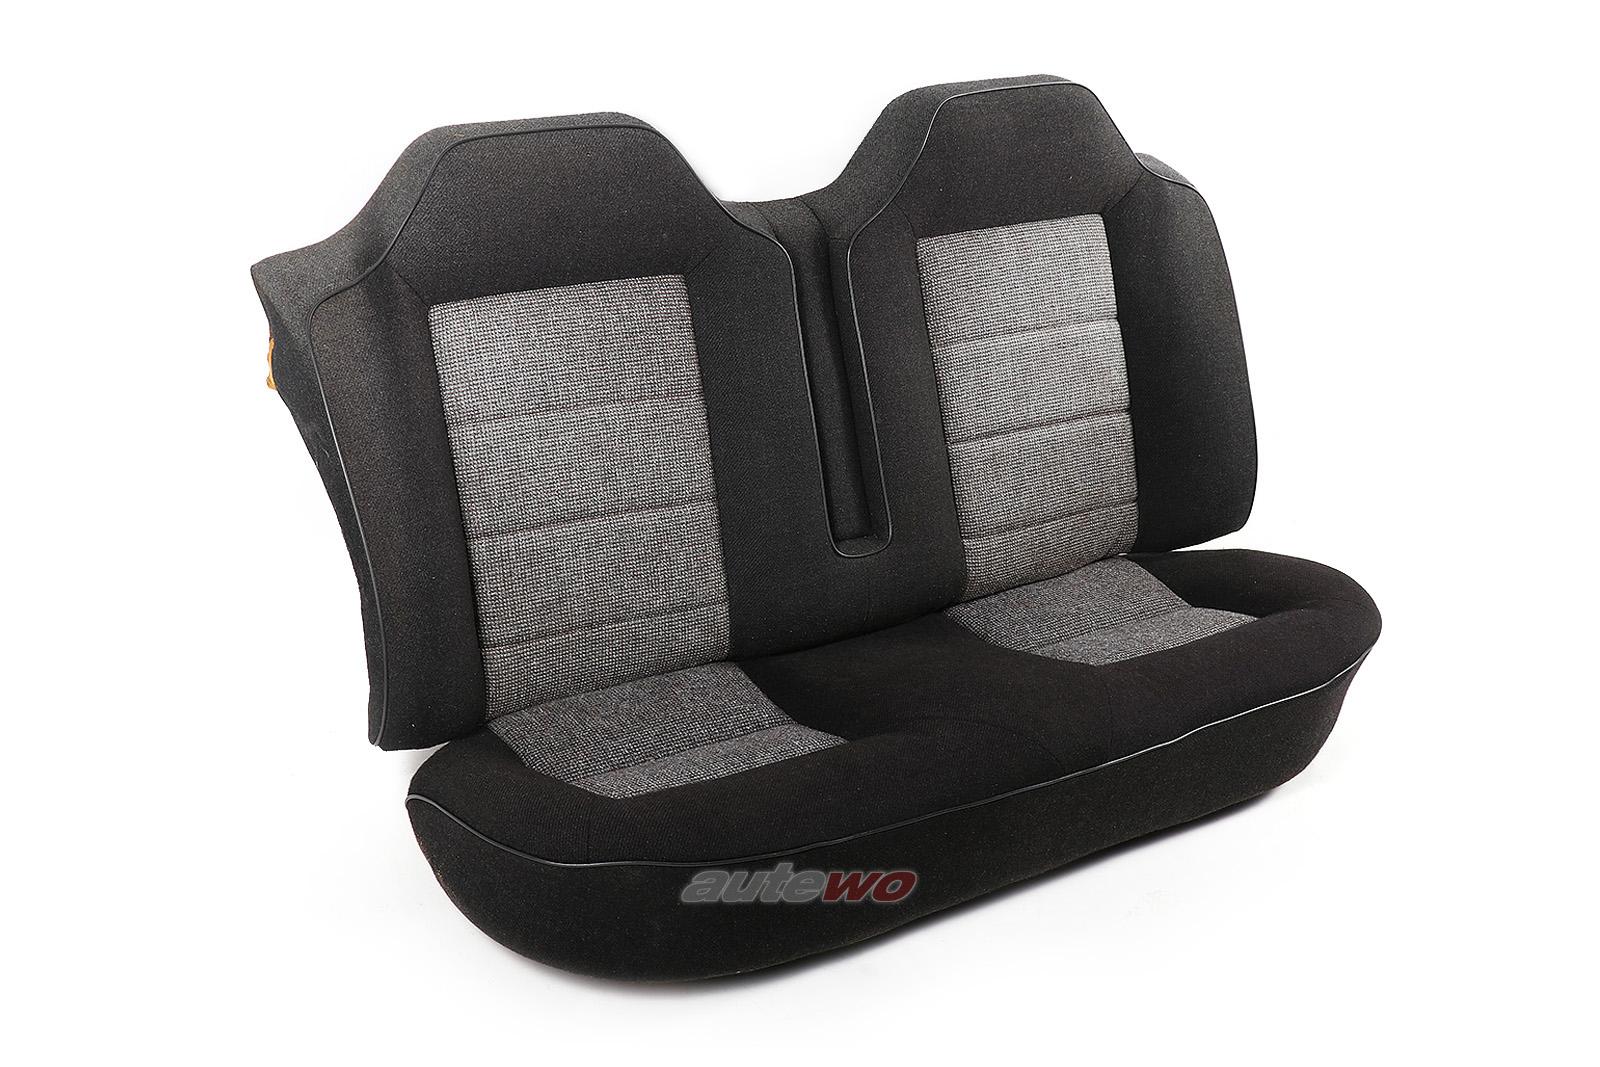 Audi Coupe Typ 85/Urquattro Stoff-Rücksitzbank Lehne & Sitzfläche